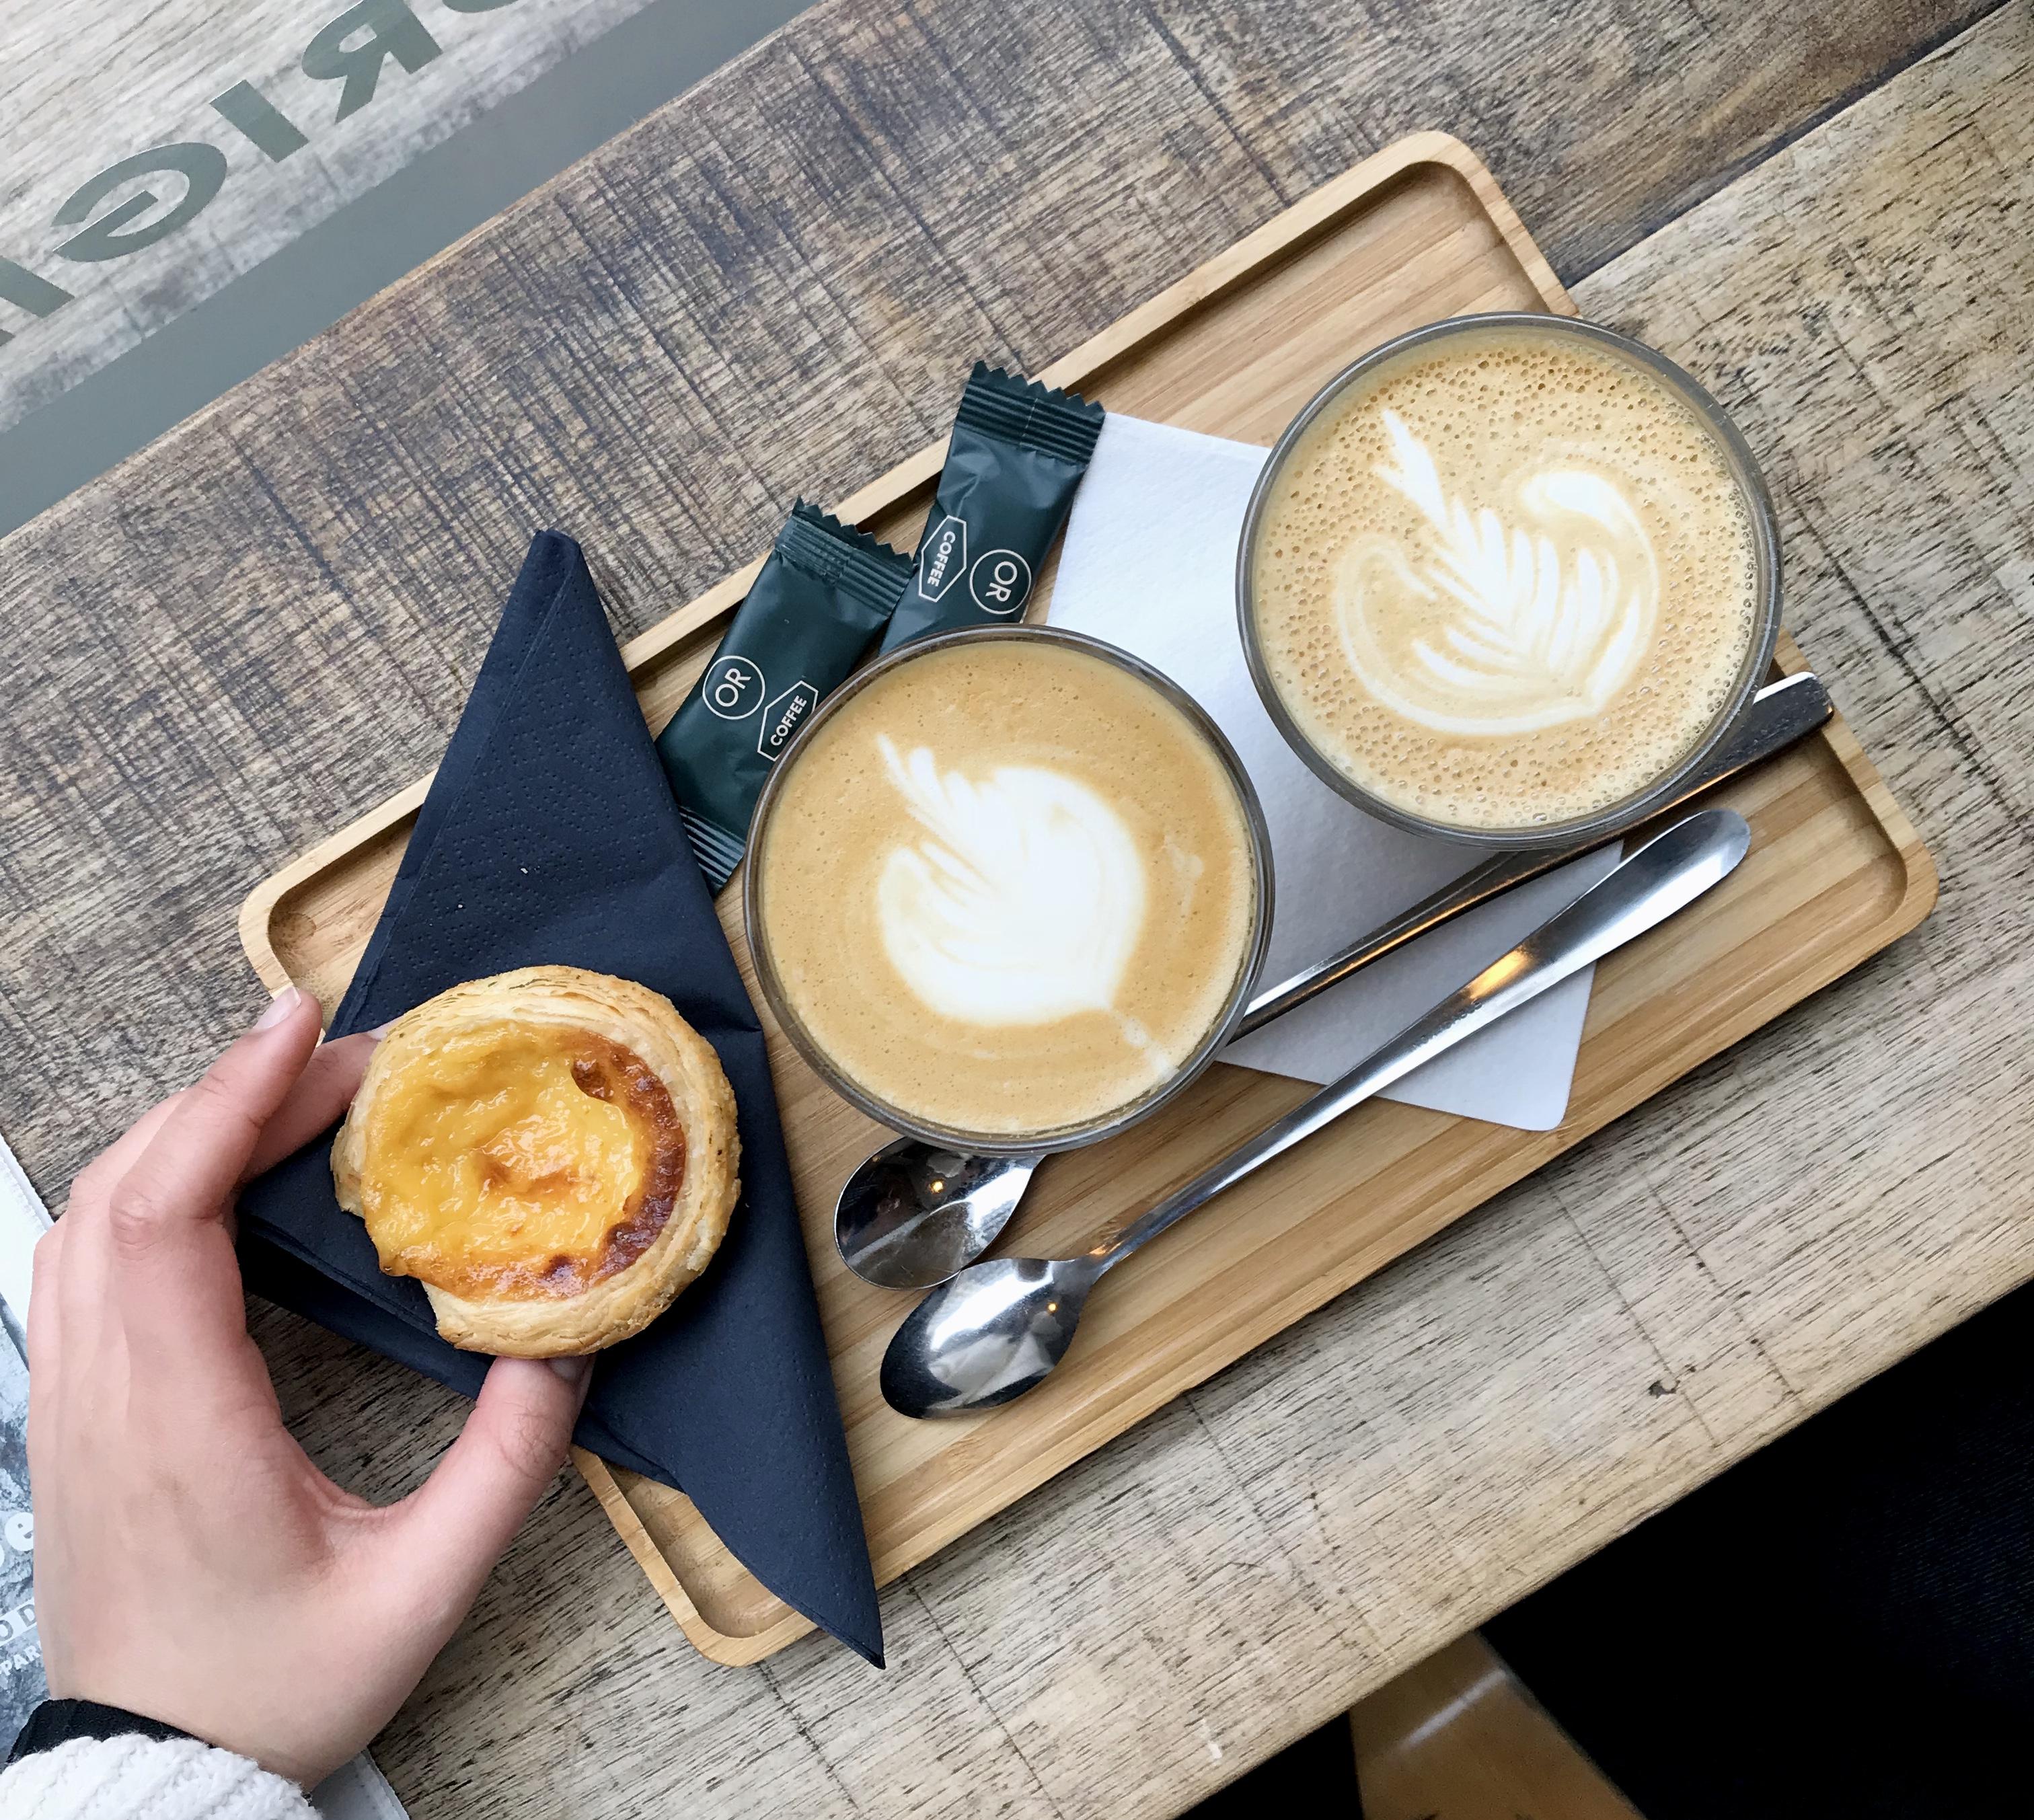 coffee in brussels, OR coffee, brussels coffee